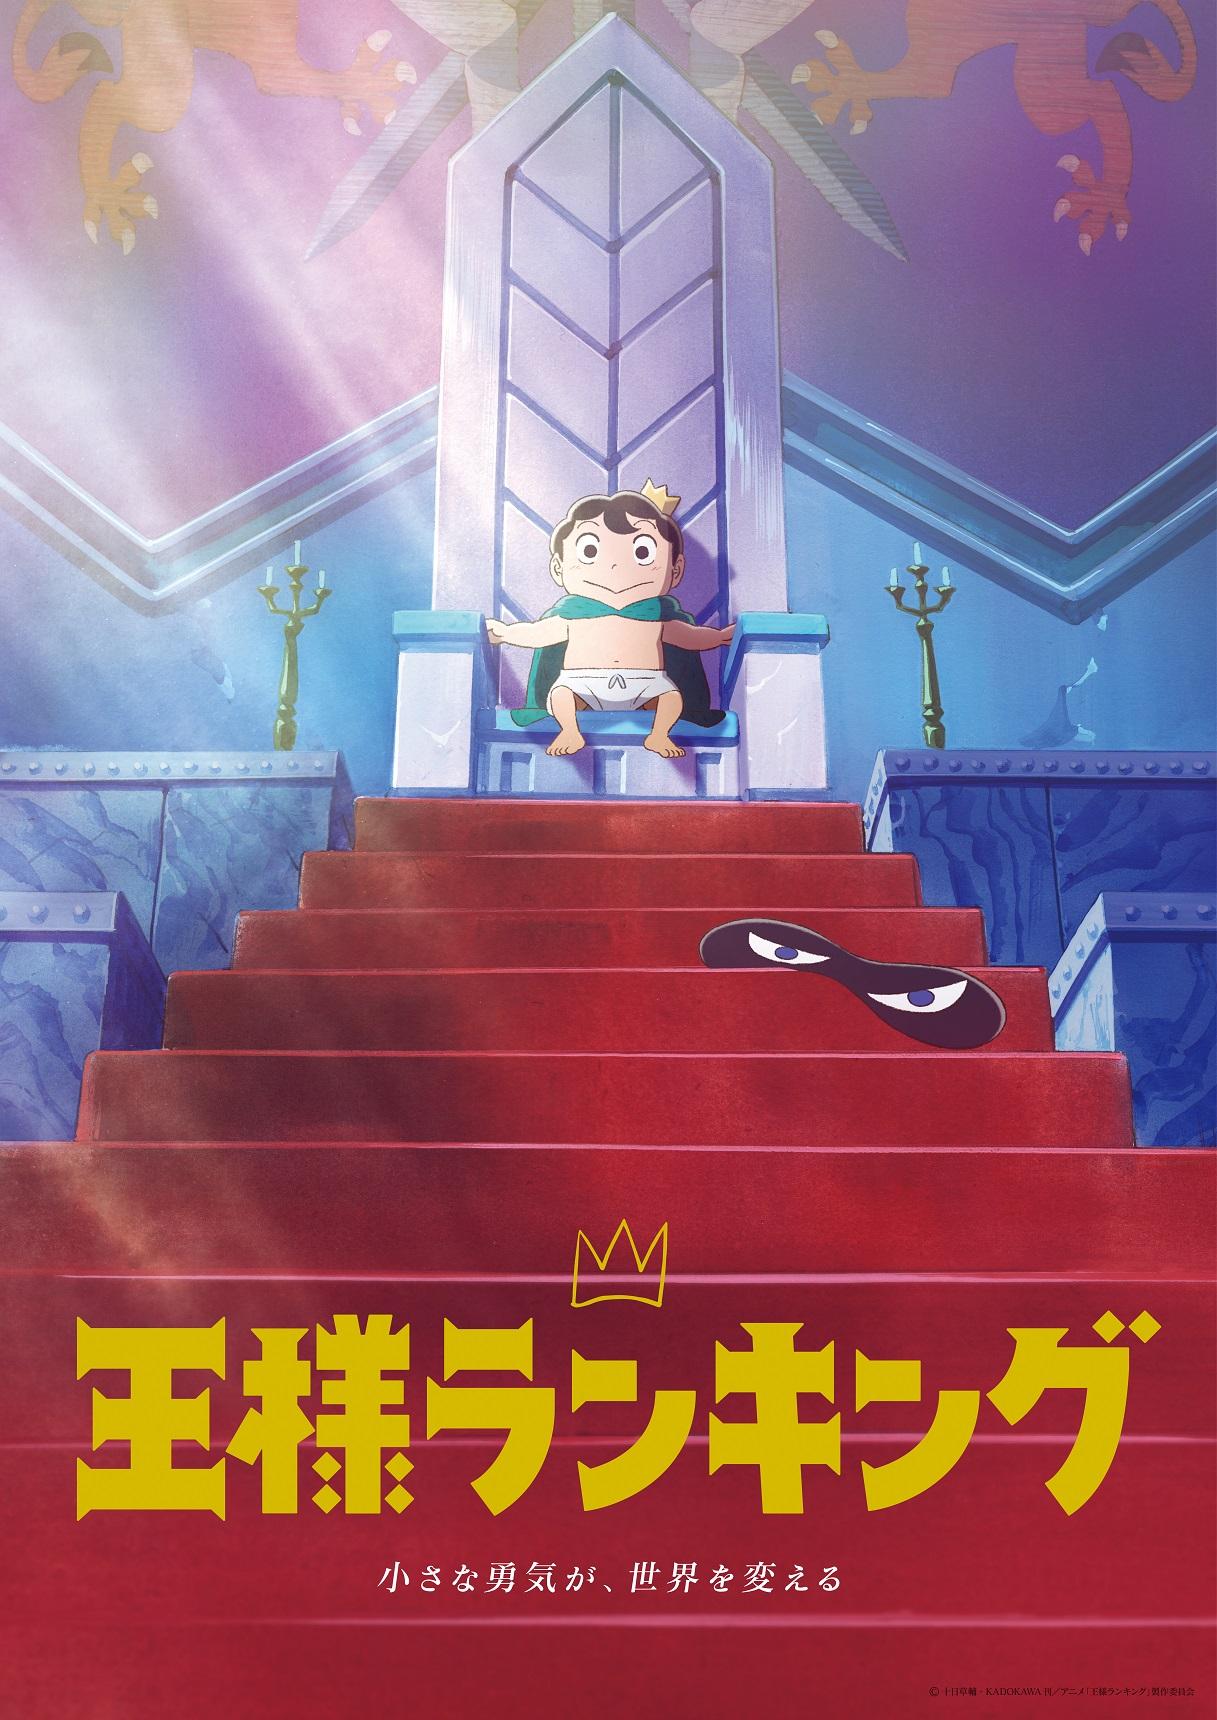 秋アニメ「王様ランキング」連続2クール放送決定!第2弾キービジュアル解禁